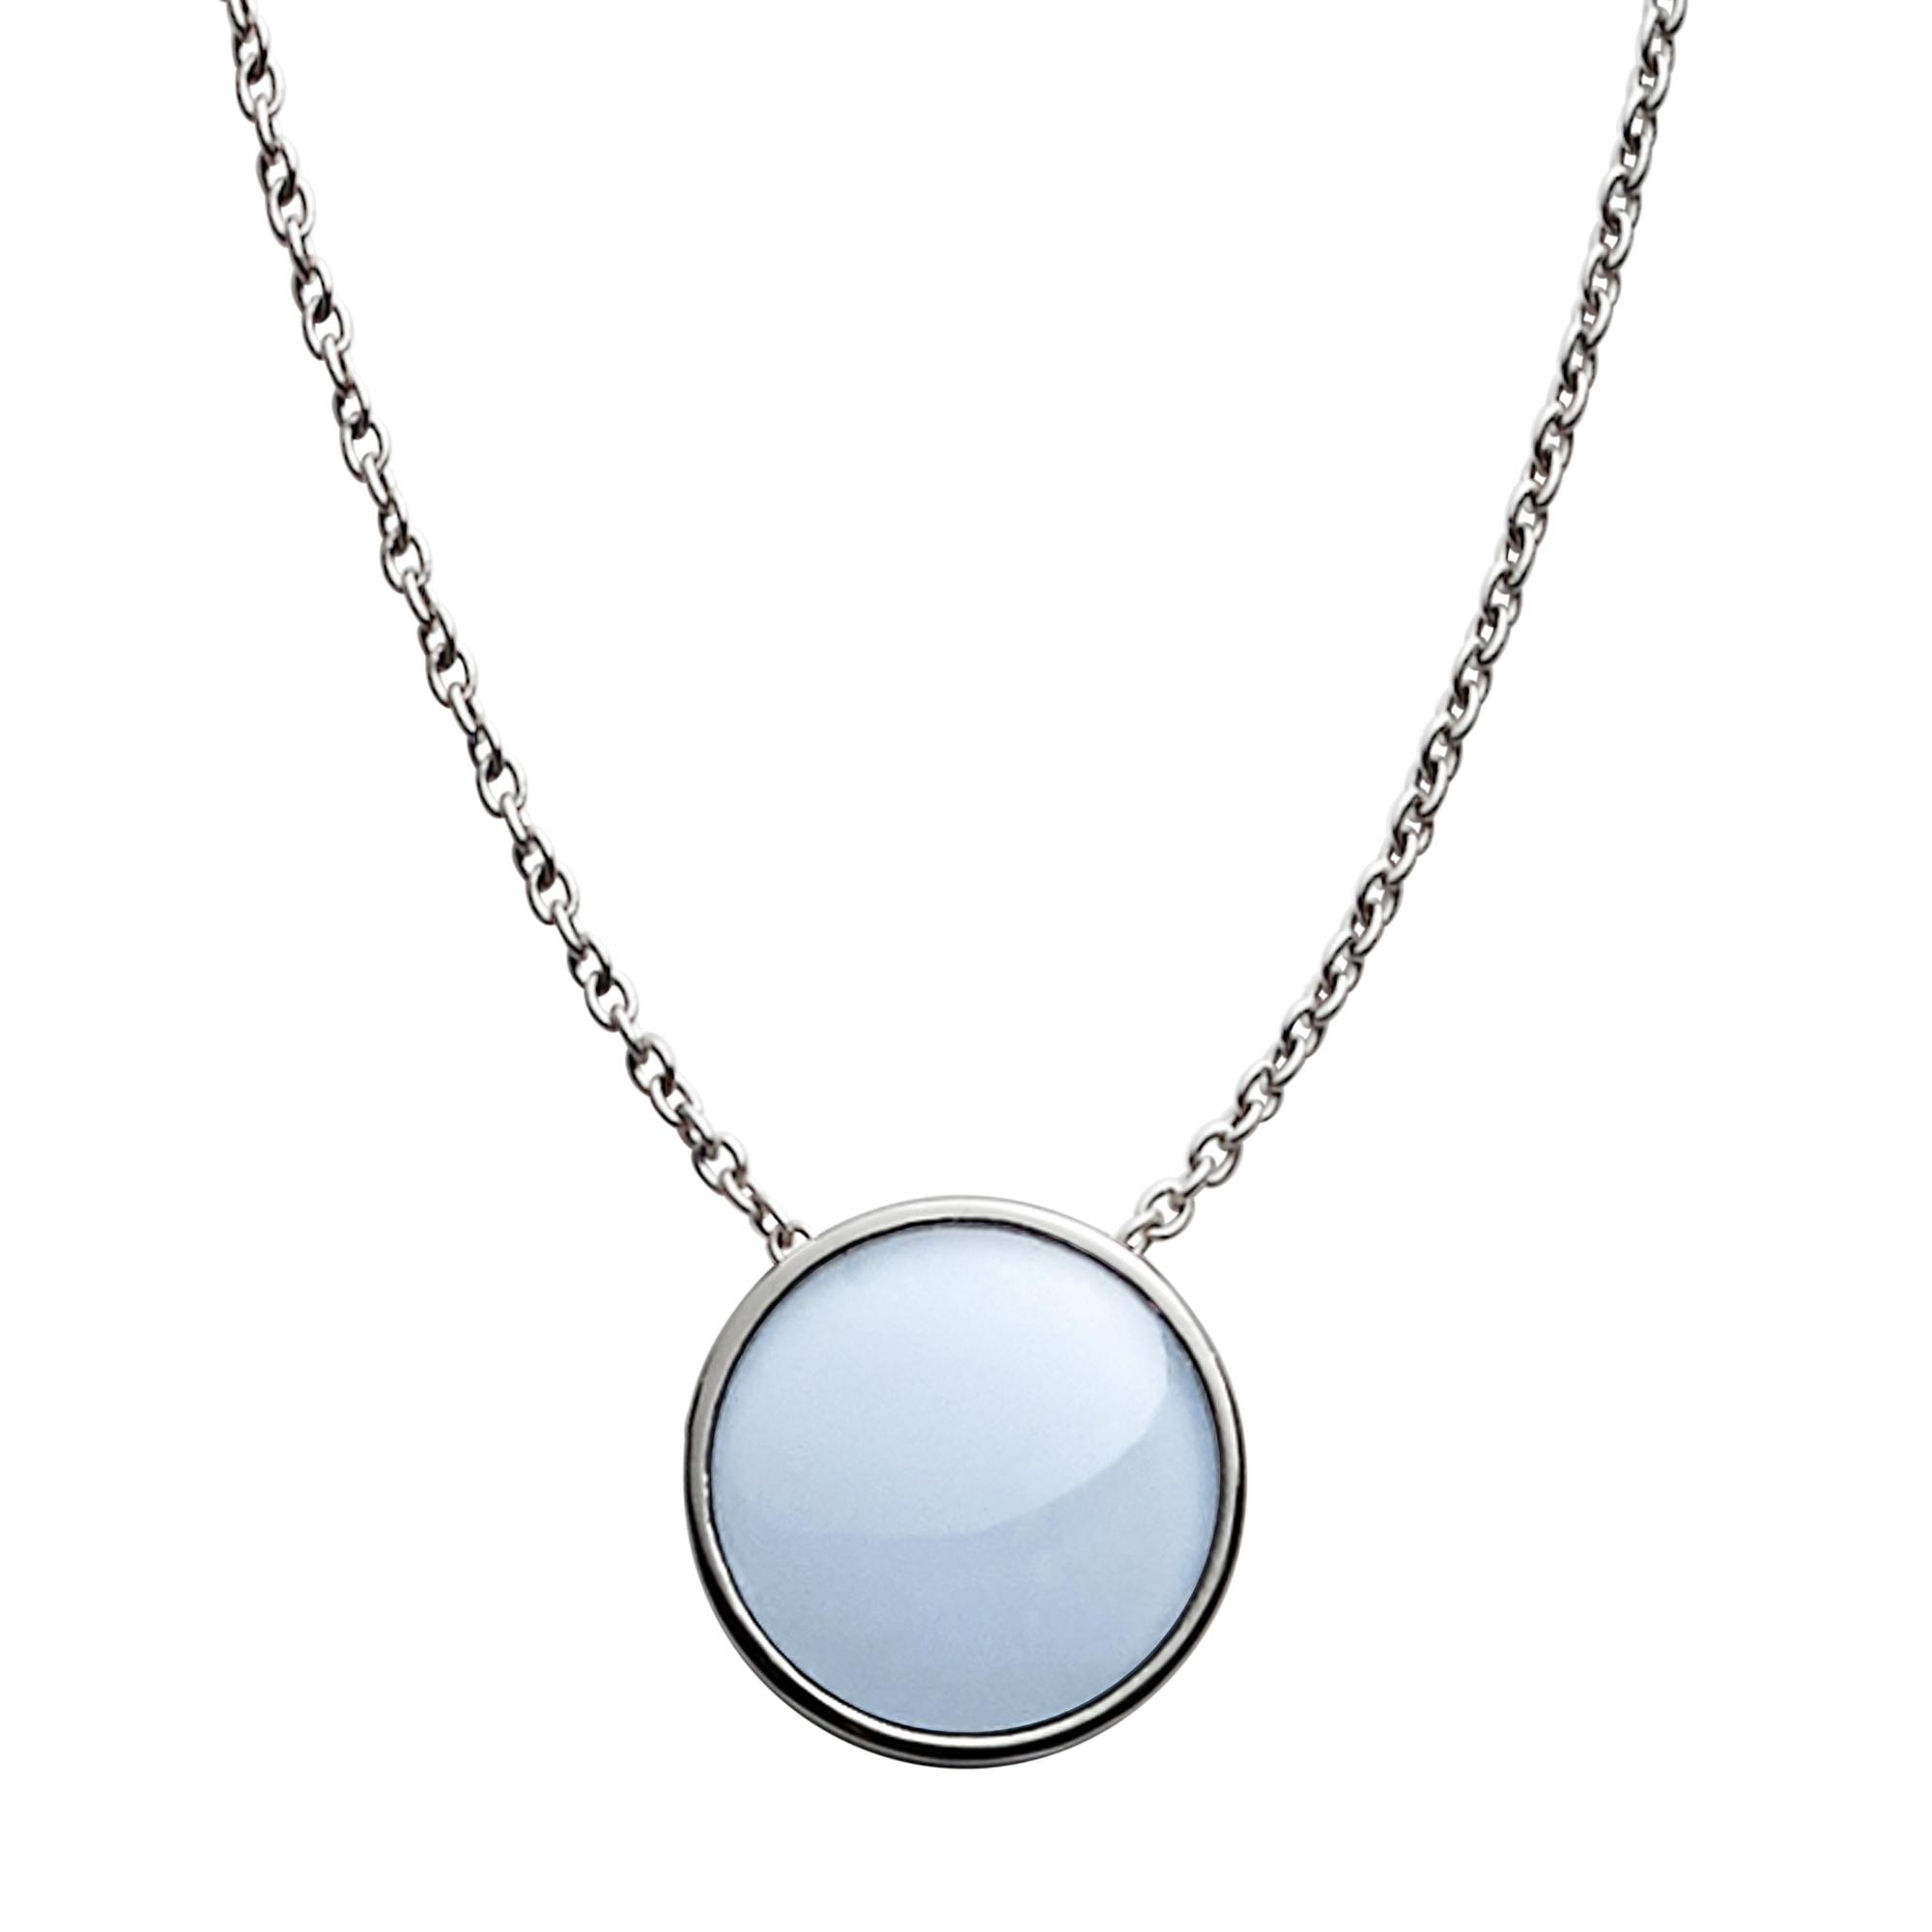 skagen kette sea glass skj0790040 juwelier kraemer onlineshop. Black Bedroom Furniture Sets. Home Design Ideas